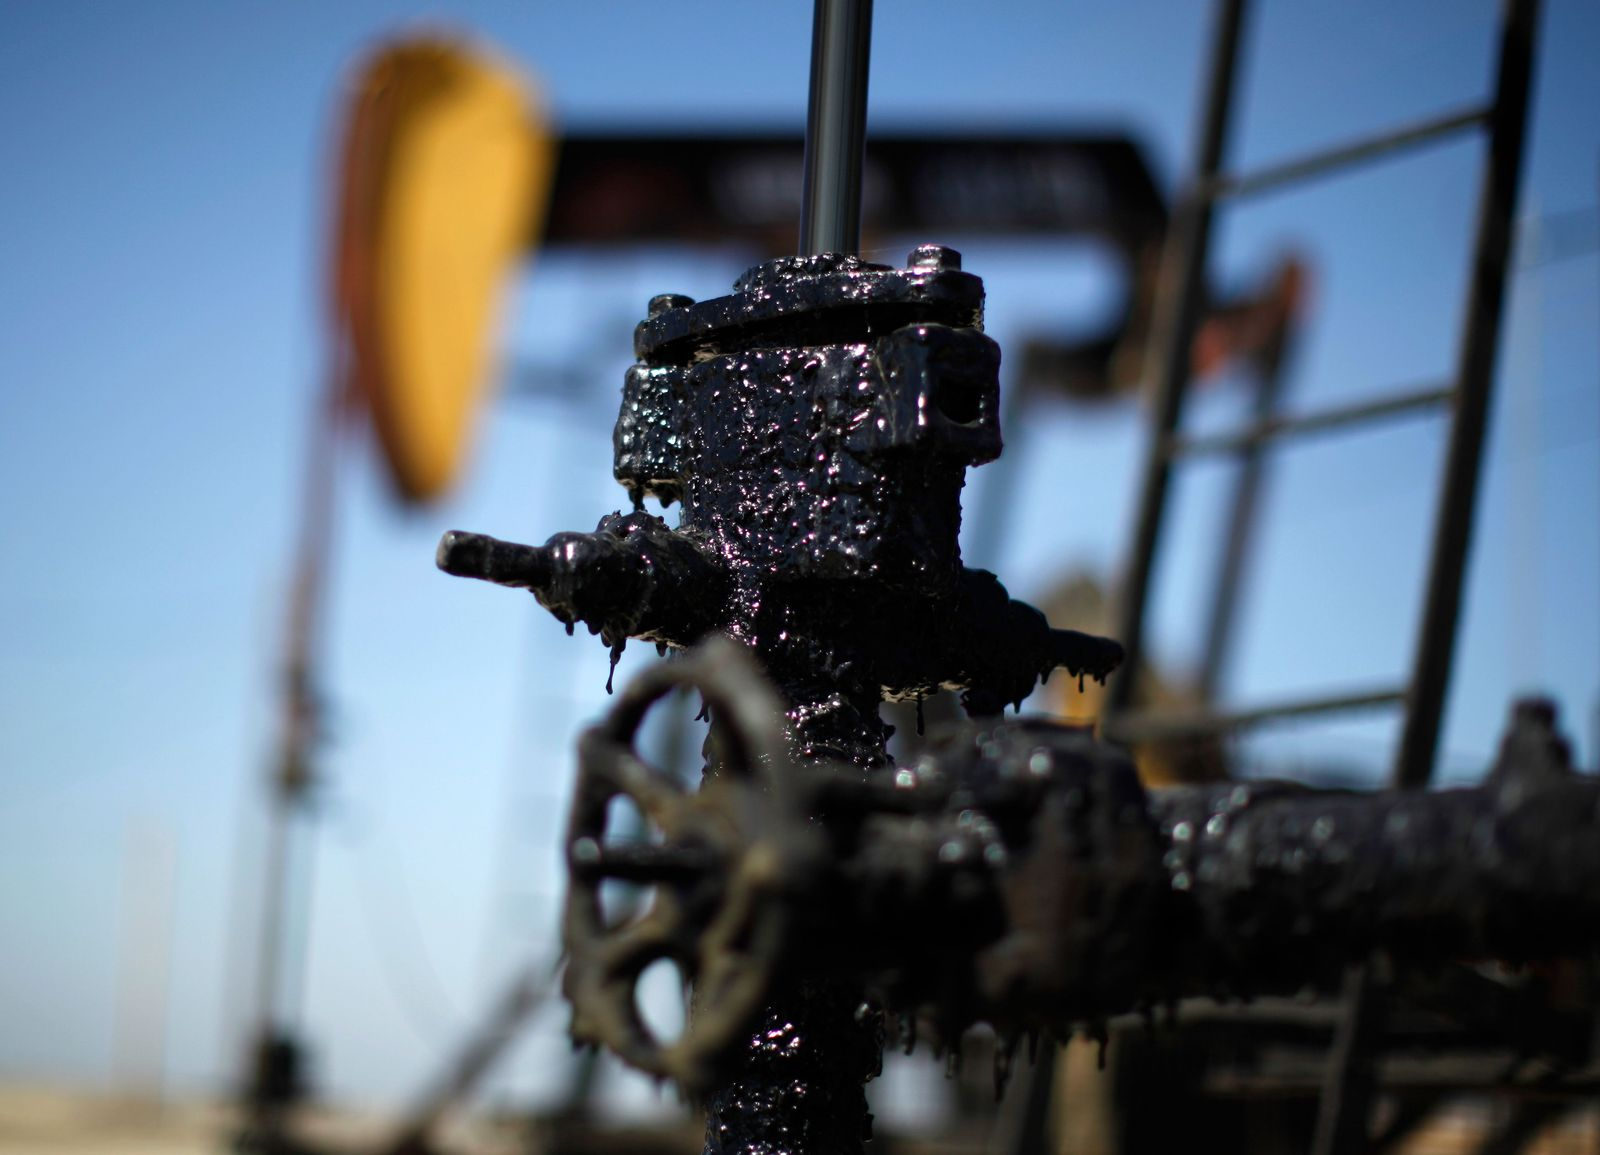 Öl / Gas USA / Konjunktur / Wirtschaft